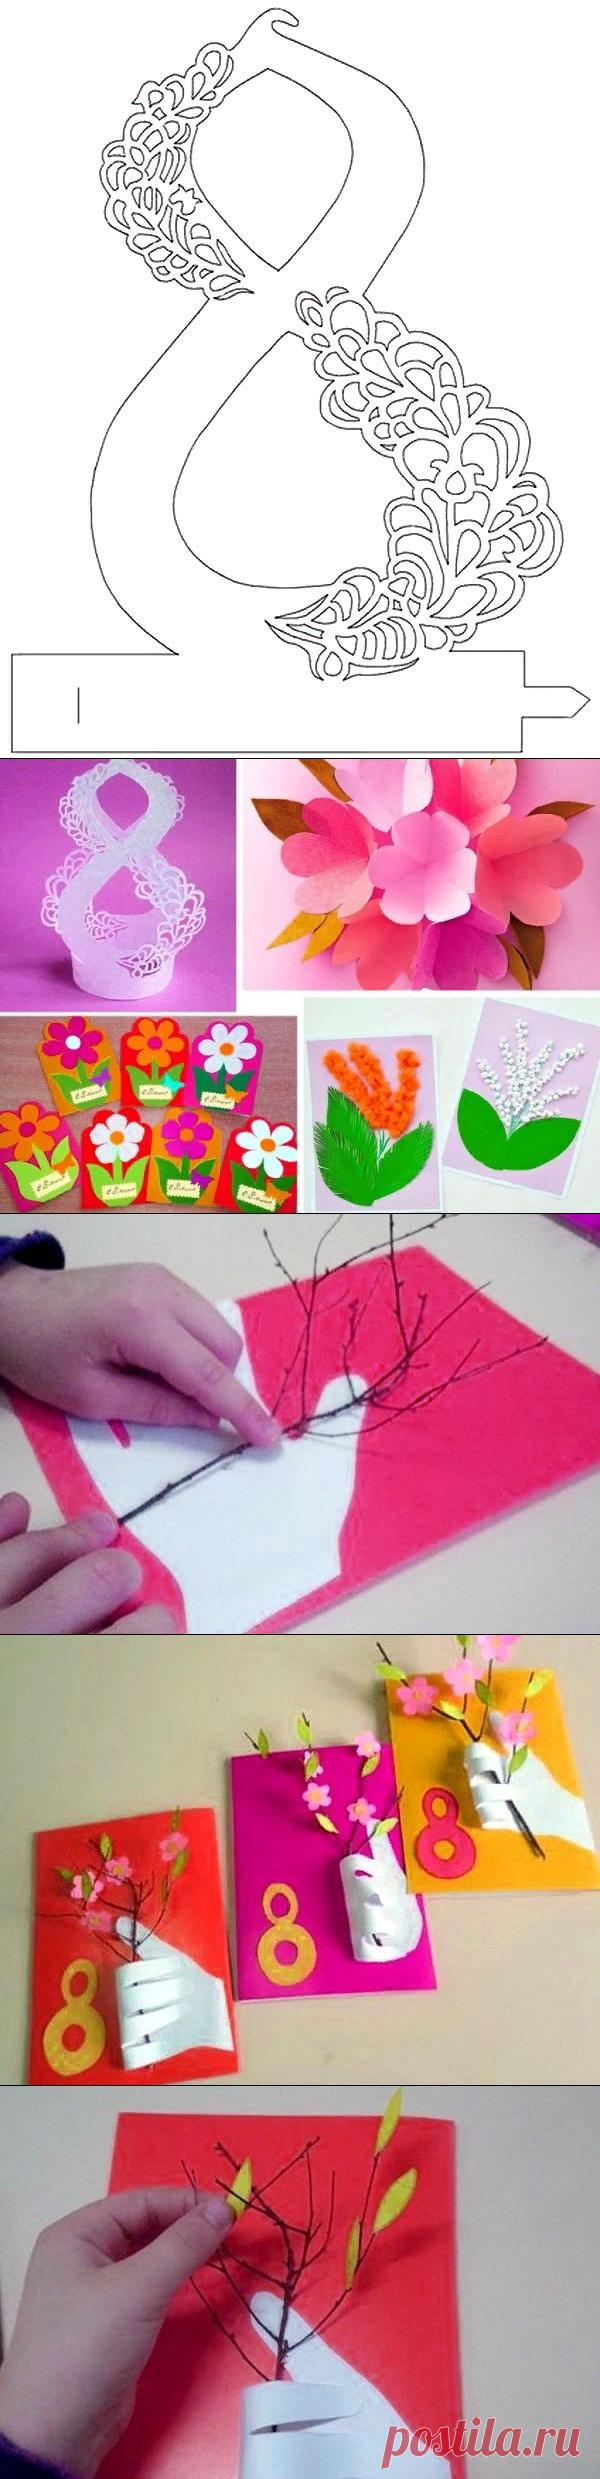 Как сделать открытку на 8 марта своими руками из бумаги | 33 Поделки